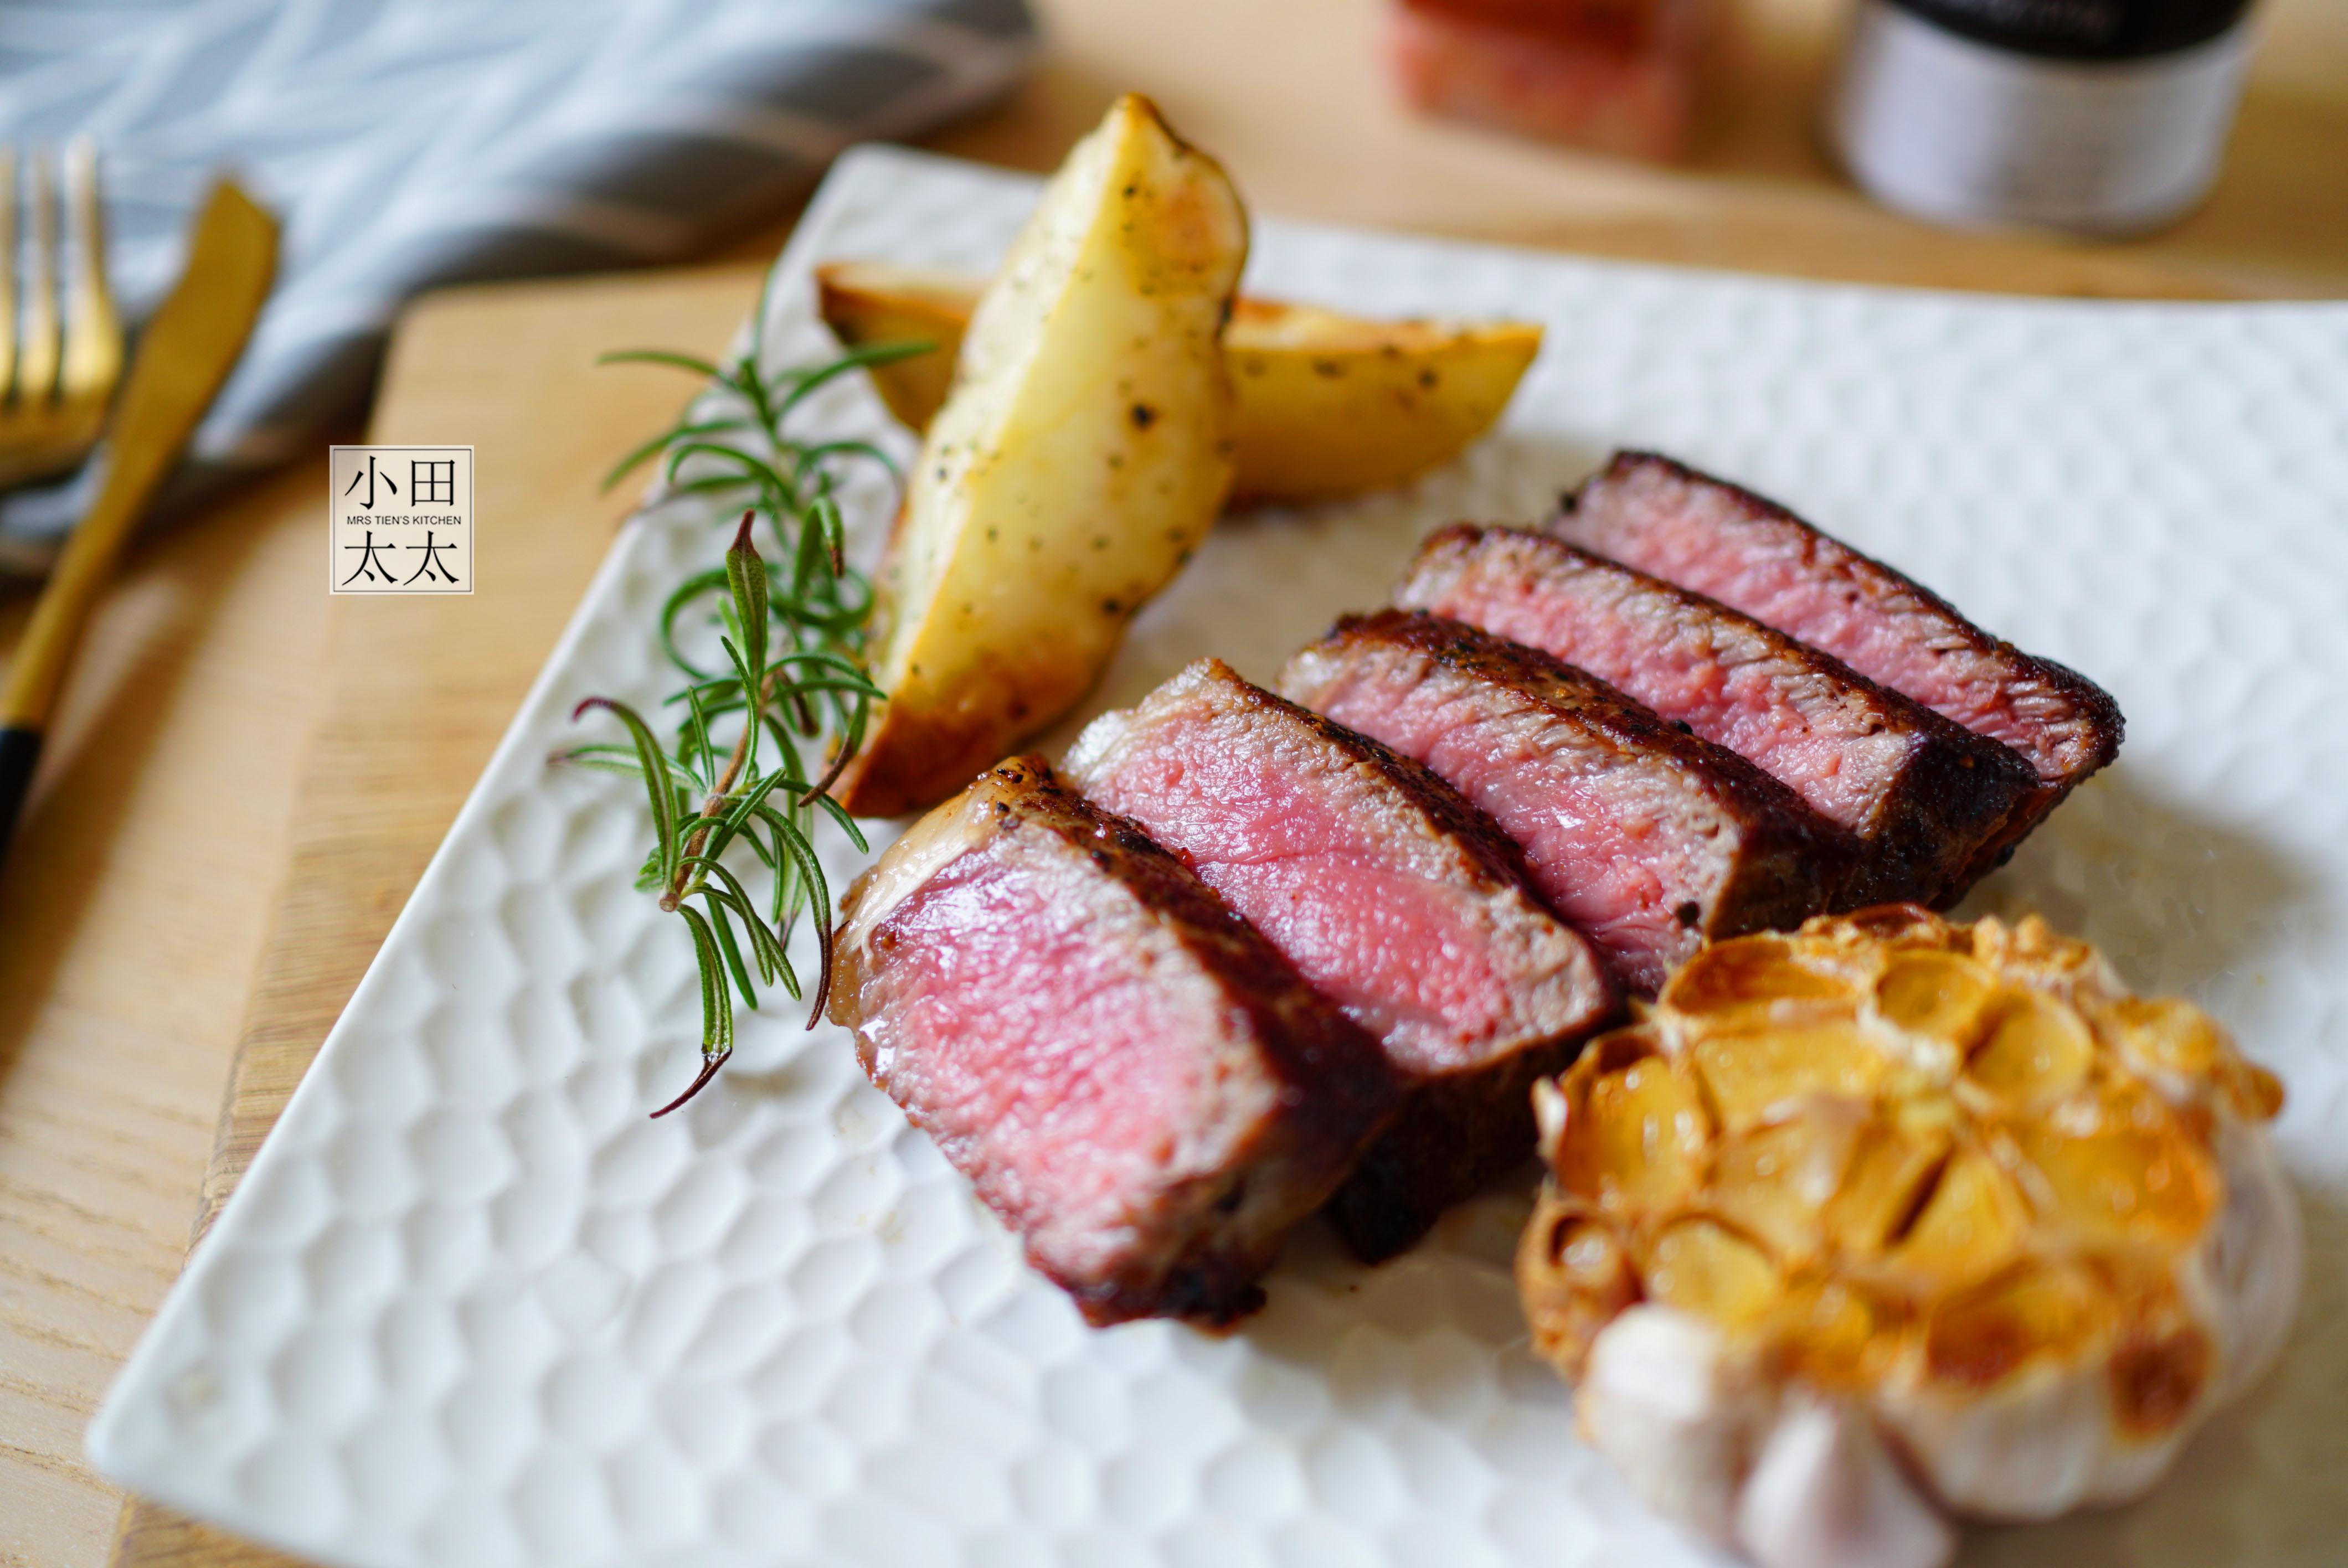 在家煎出完美牛排方法食譜『大人の鐵板』